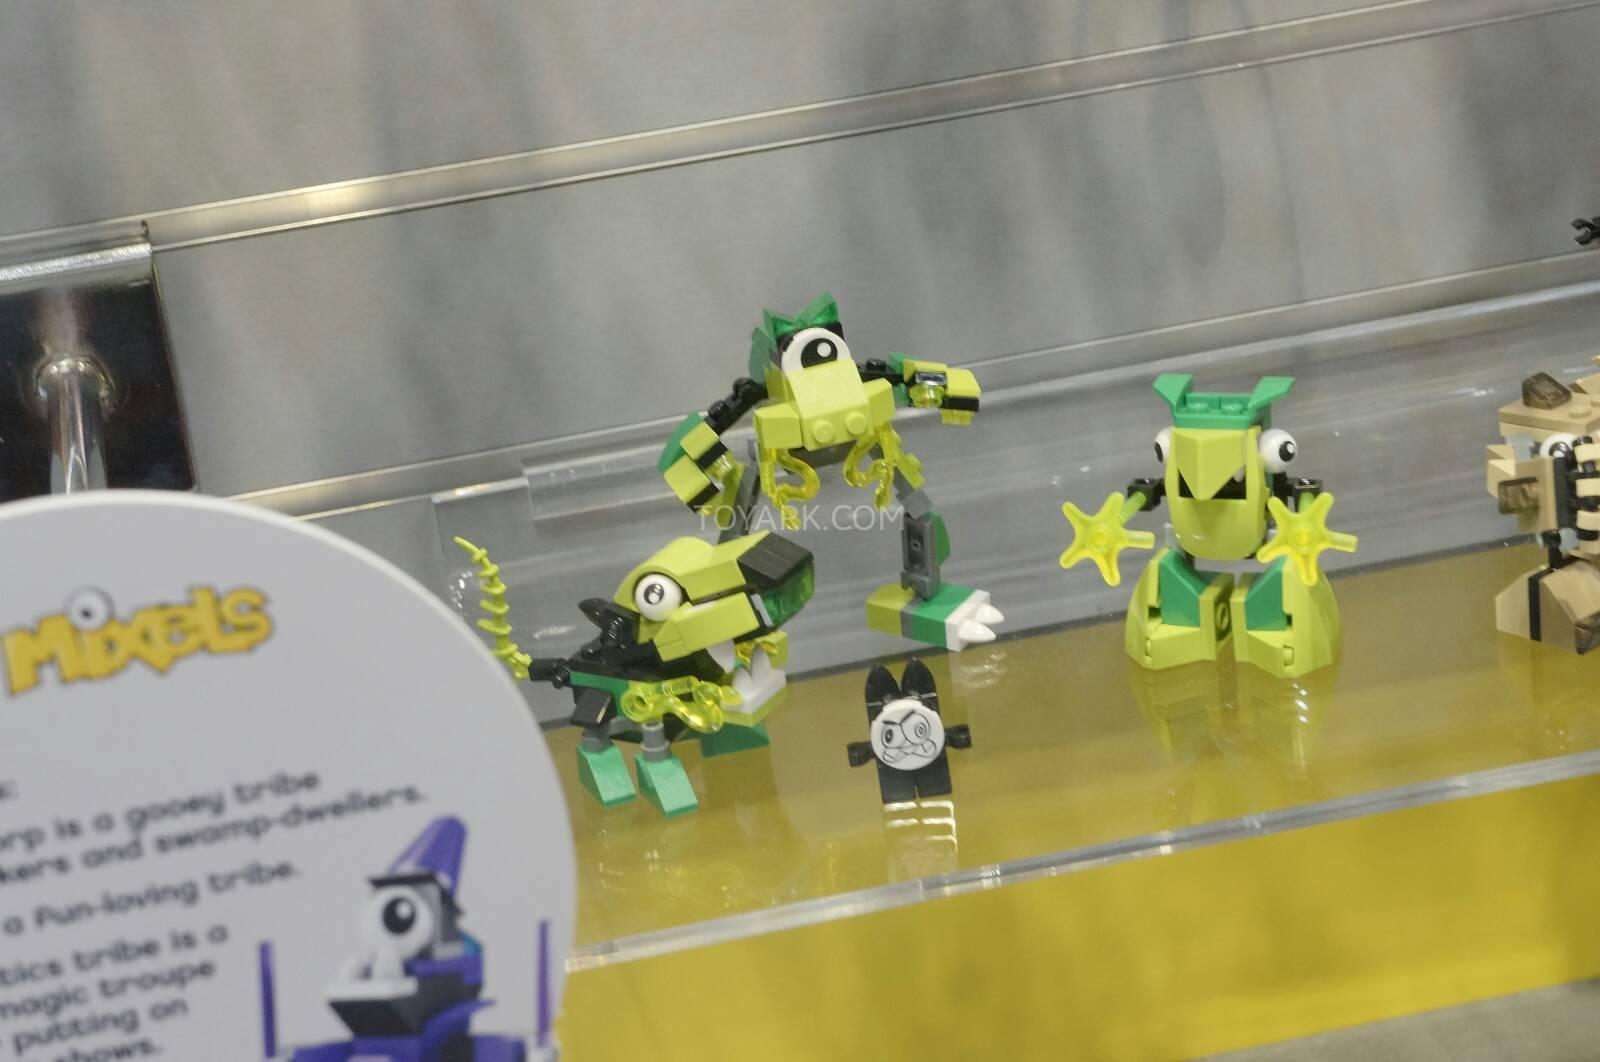 LEGO Mixels - Página 2 Toy-Fair-2014-LEGO-Mixels-009